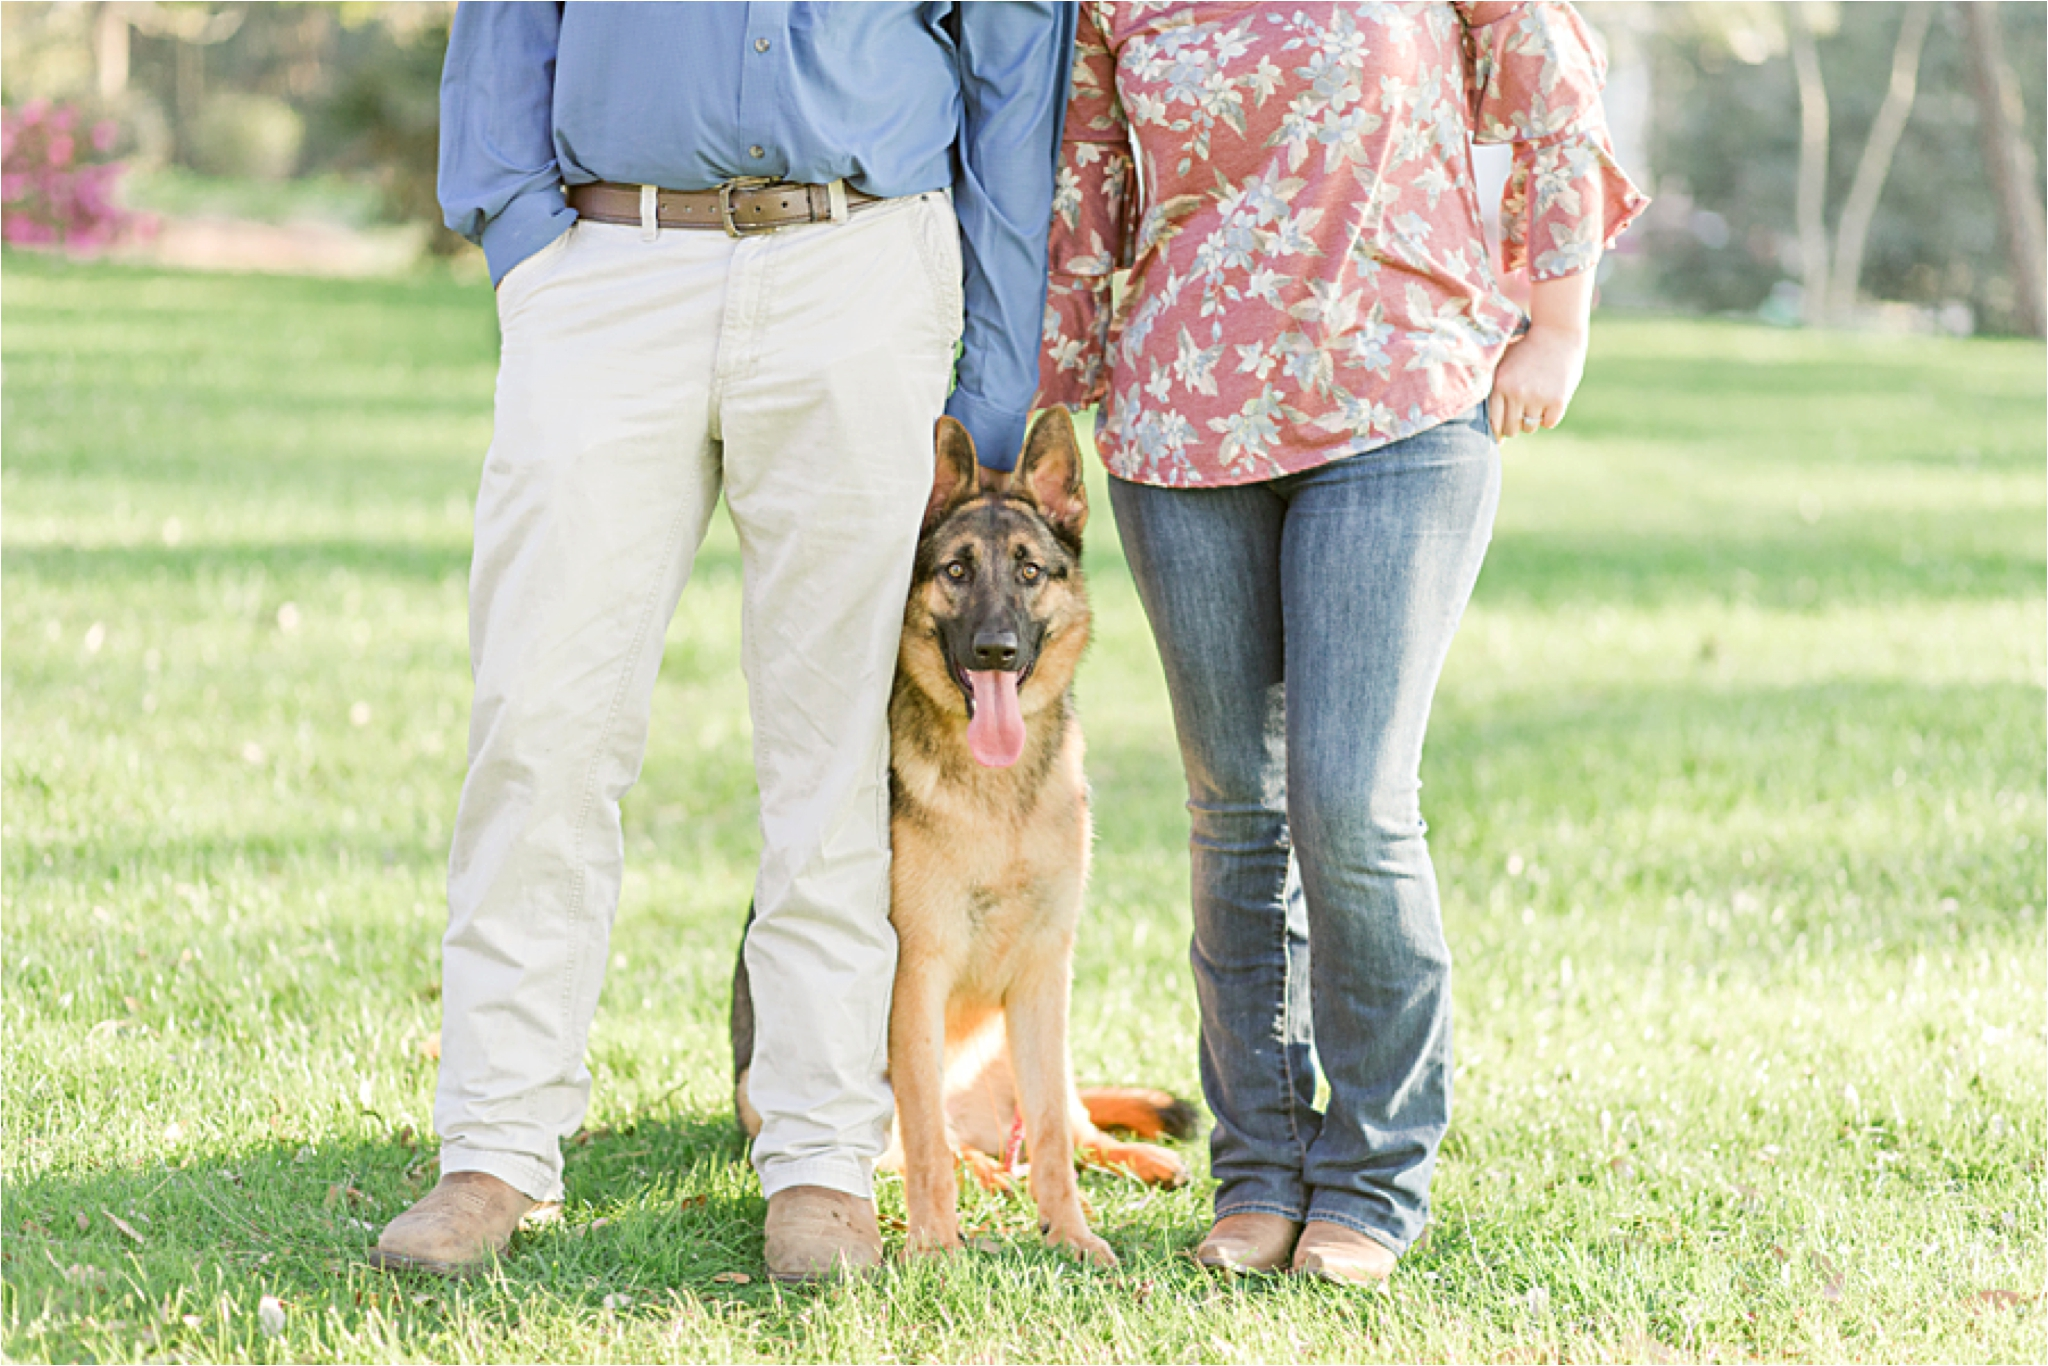 alabama-wedding-photographer-engagement-photos-session-dog-family-german-shepherd